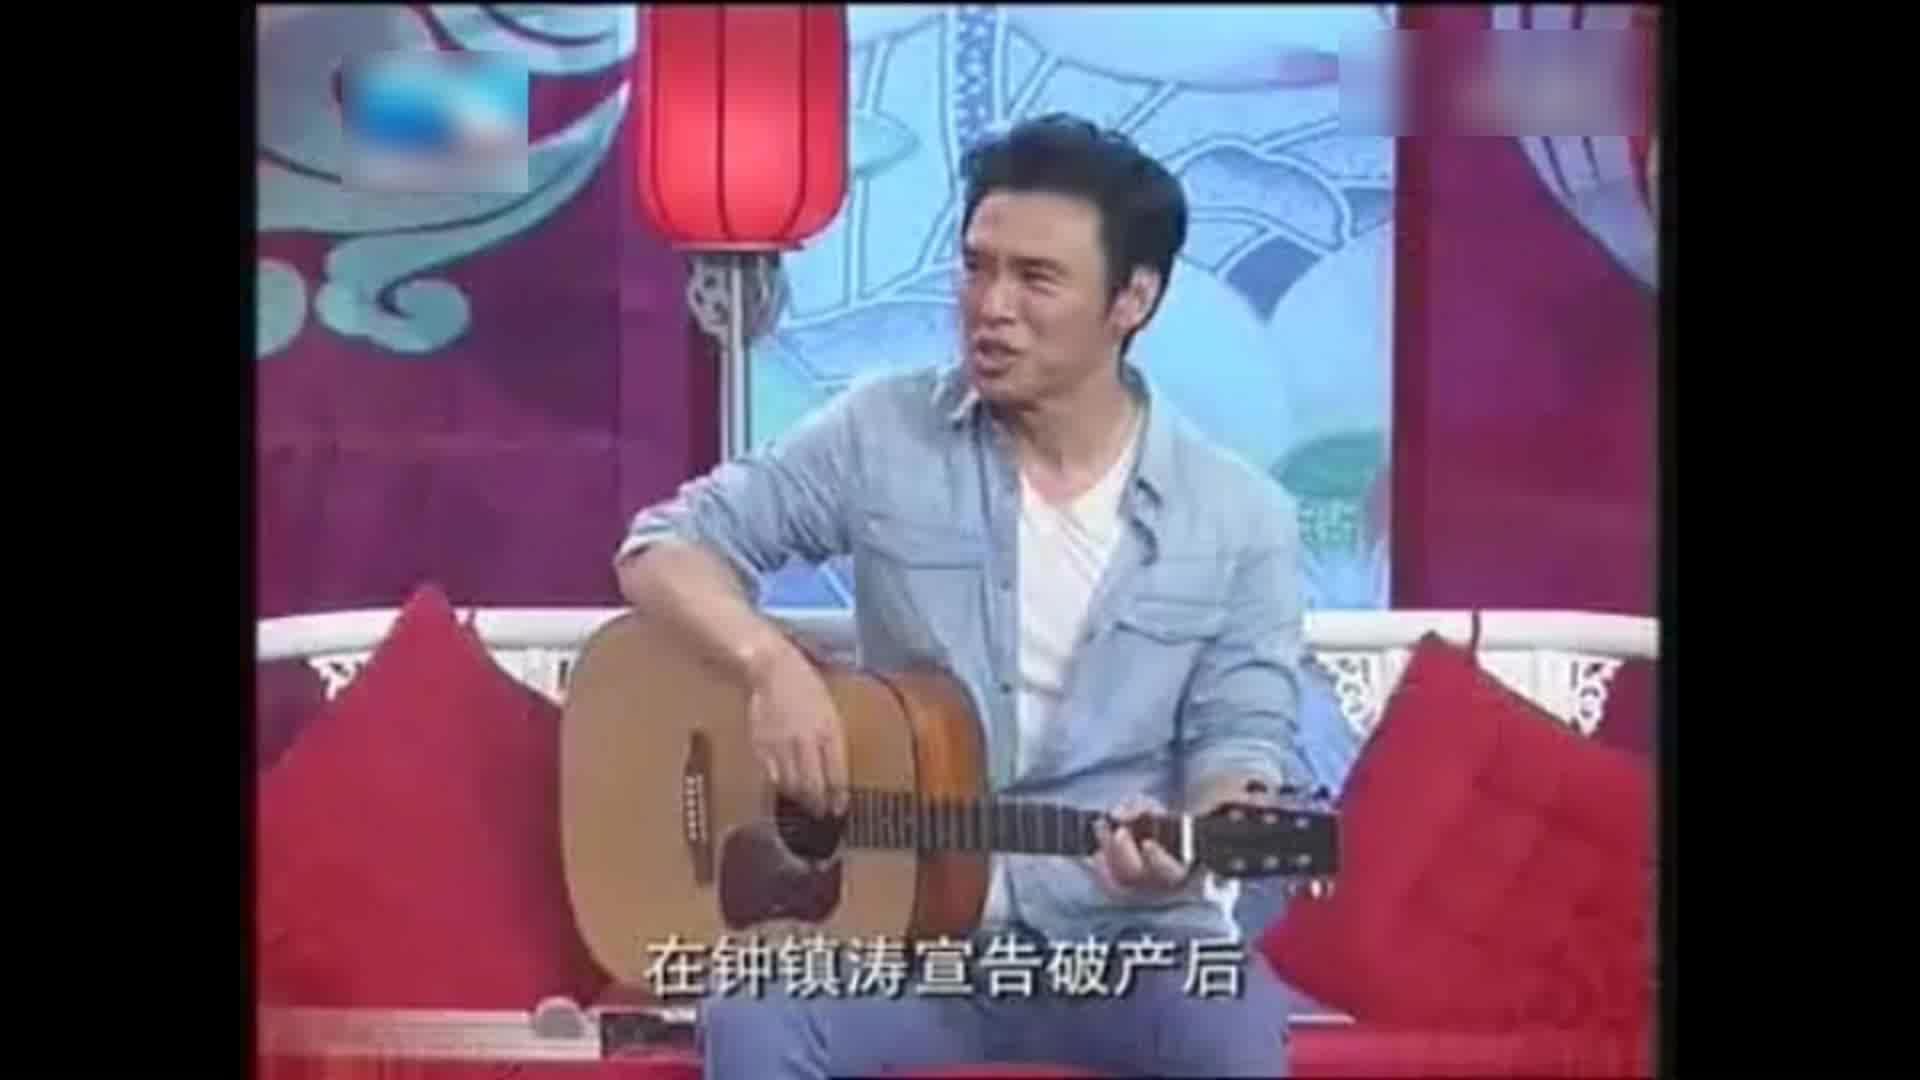 钟镇涛出乎意料,这样评价好友张国荣、谭咏麟、刘德华、梁朝伟!